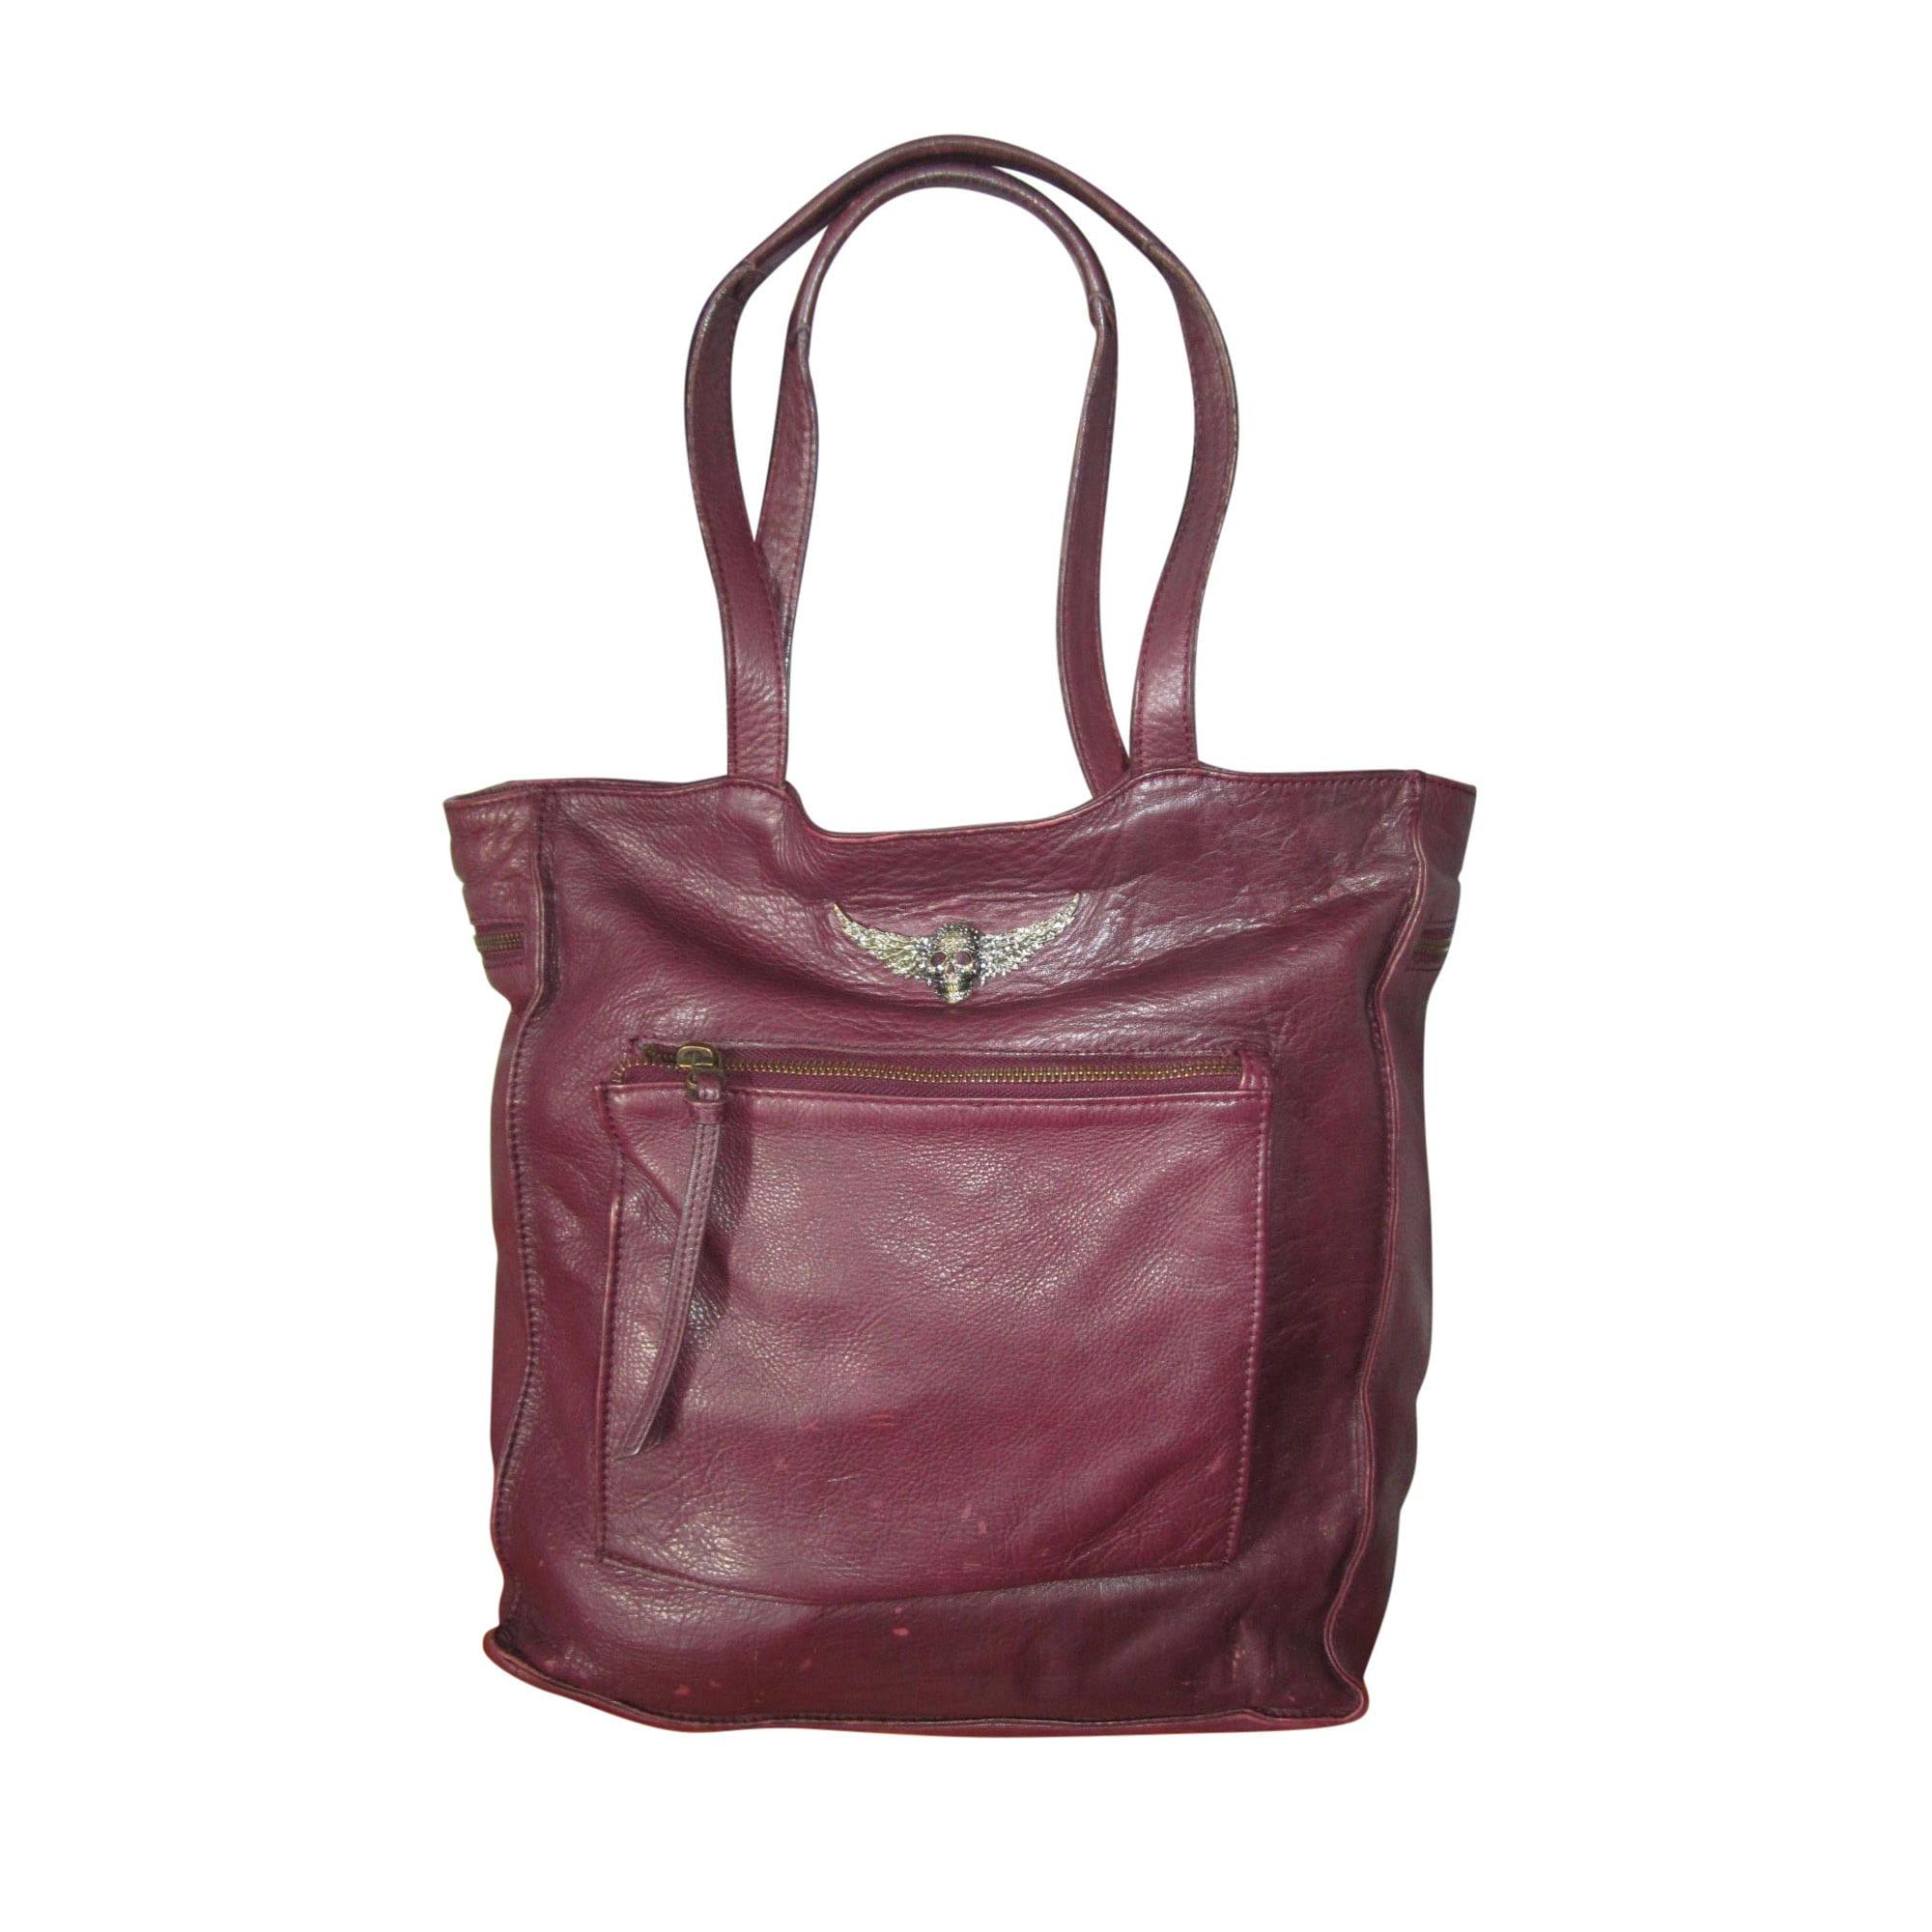 6da399b851 Sac à main en cuir ZADIG & VOLTAIRE rouge vendu par Le dressing de ...